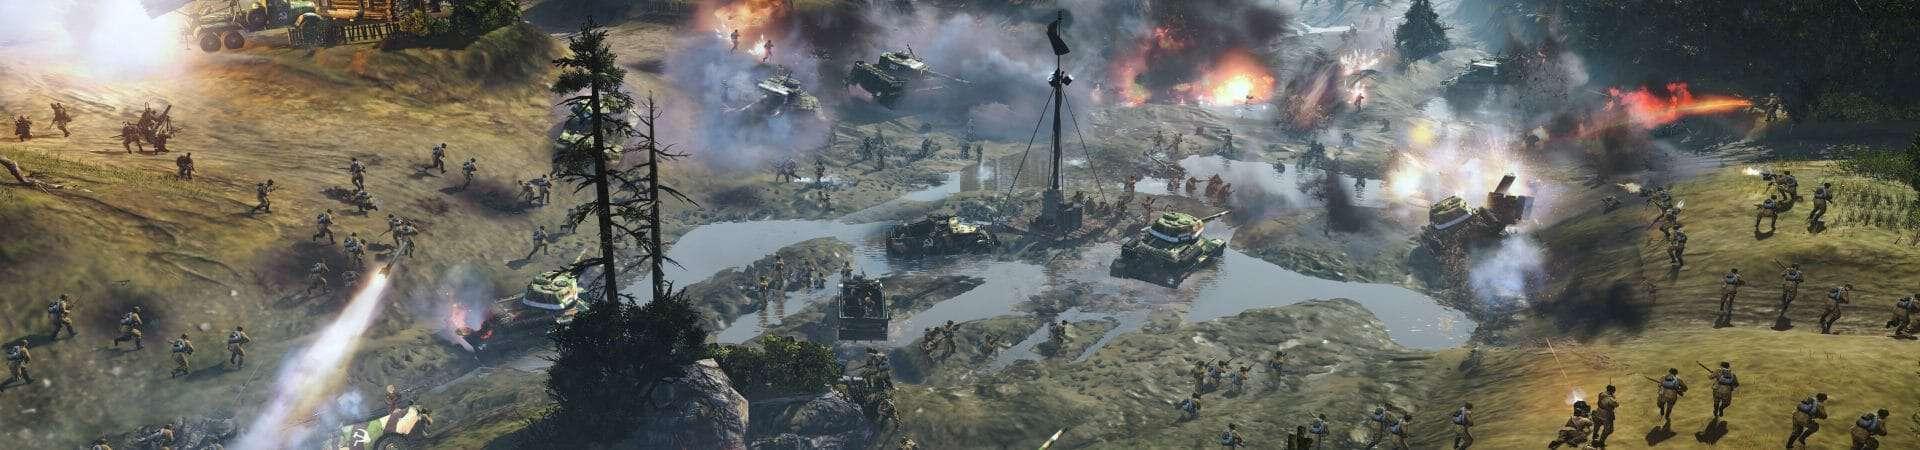 Cenário de batalha de Company of Heroes 2